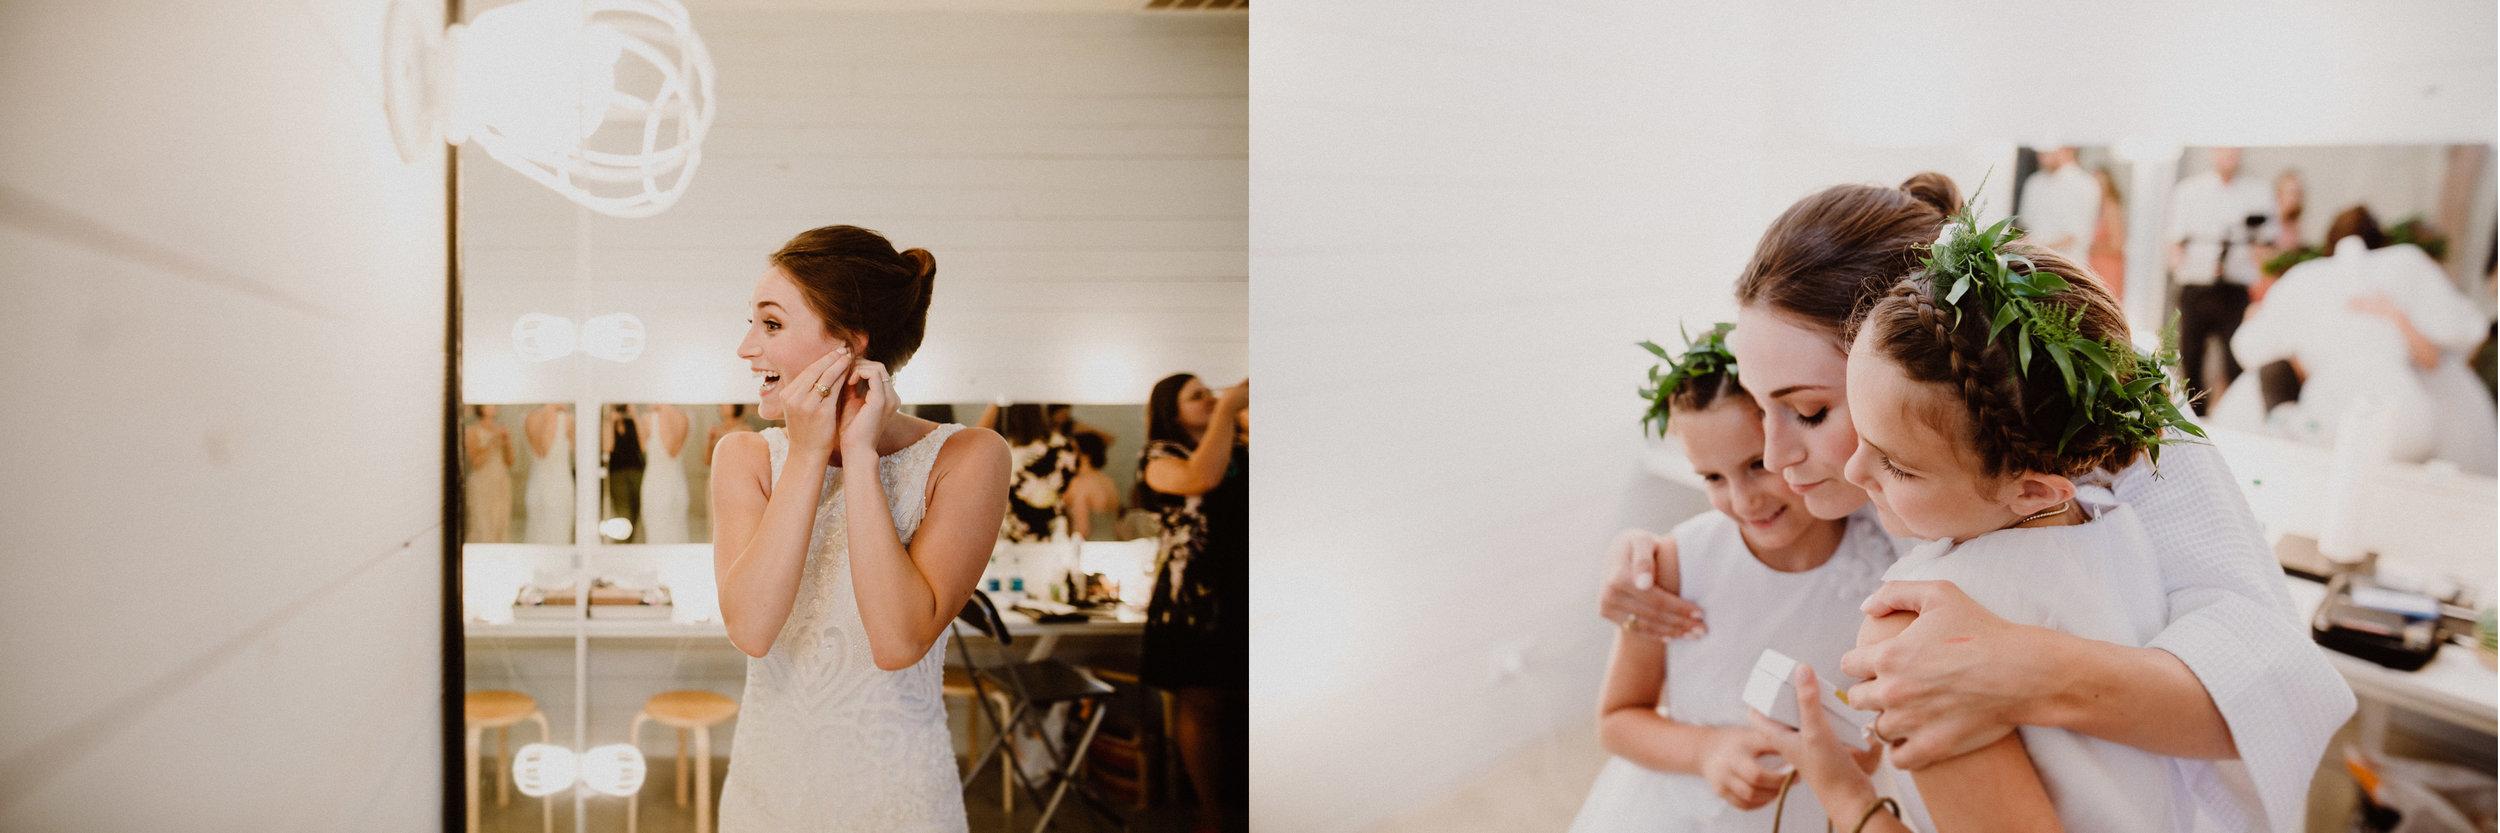 prospect-house-wedding-8jpg.jpg